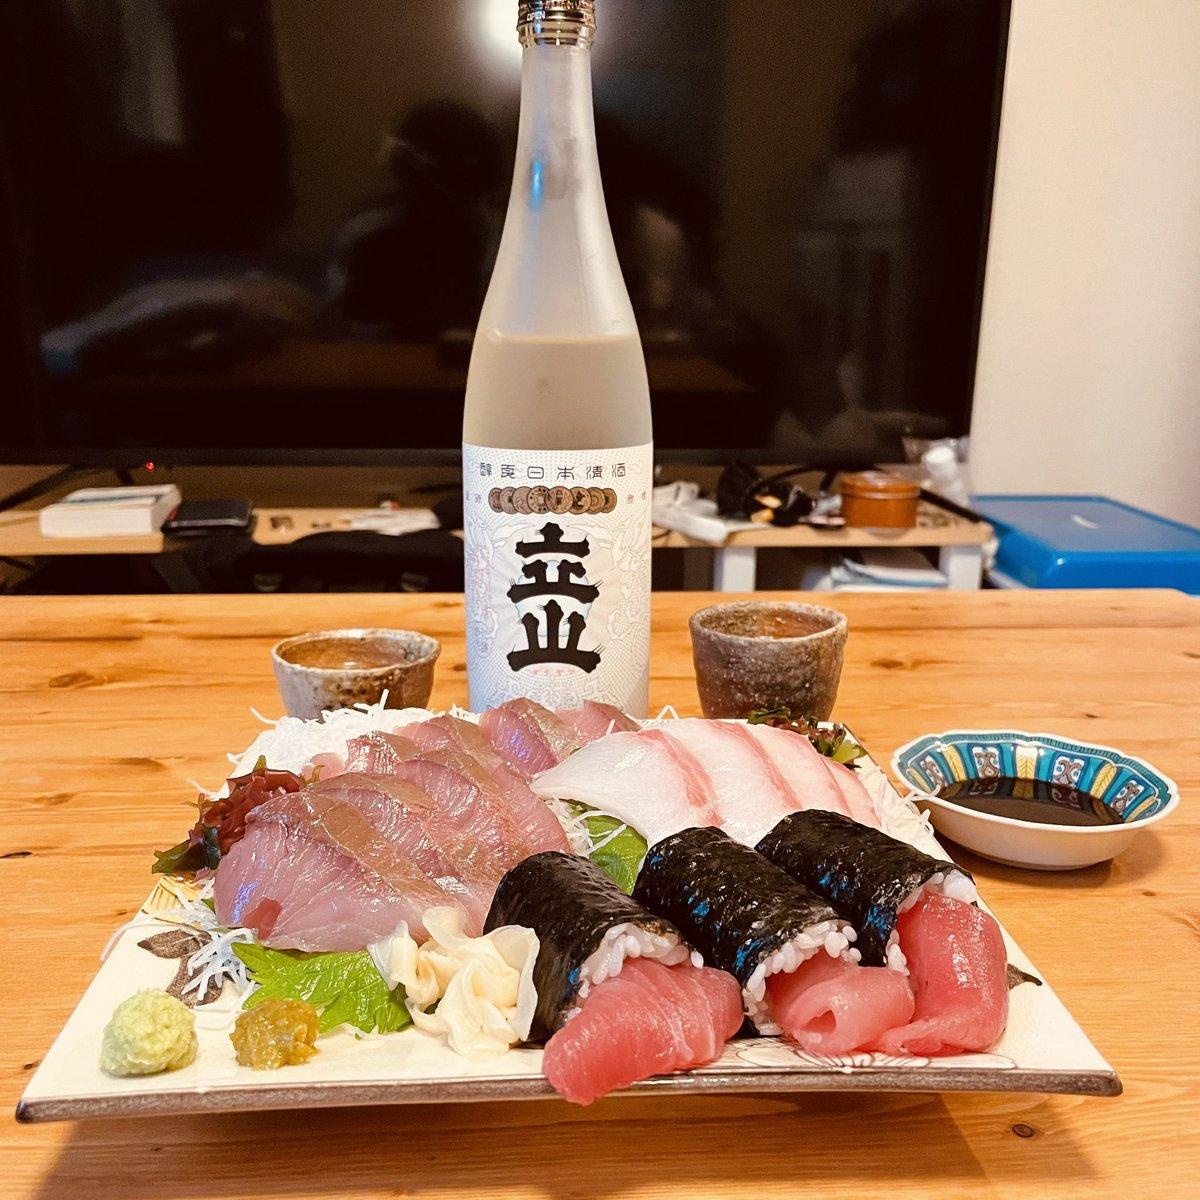 test ツイッターメディア - お昼ご飯とも夕ご飯とも分からぬ時間に始まった何か。 なんか起きたり寝たりよく分からないそんな惰眠を貪った僕たちの土曜日のスタート。 日本酒は「今日もよろしくな」と肝臓に話しかける。 肝臓は「まじかー」と答える。 #おうちごはん #日本酒 #立山 https://t.co/bFC9XnbW7h